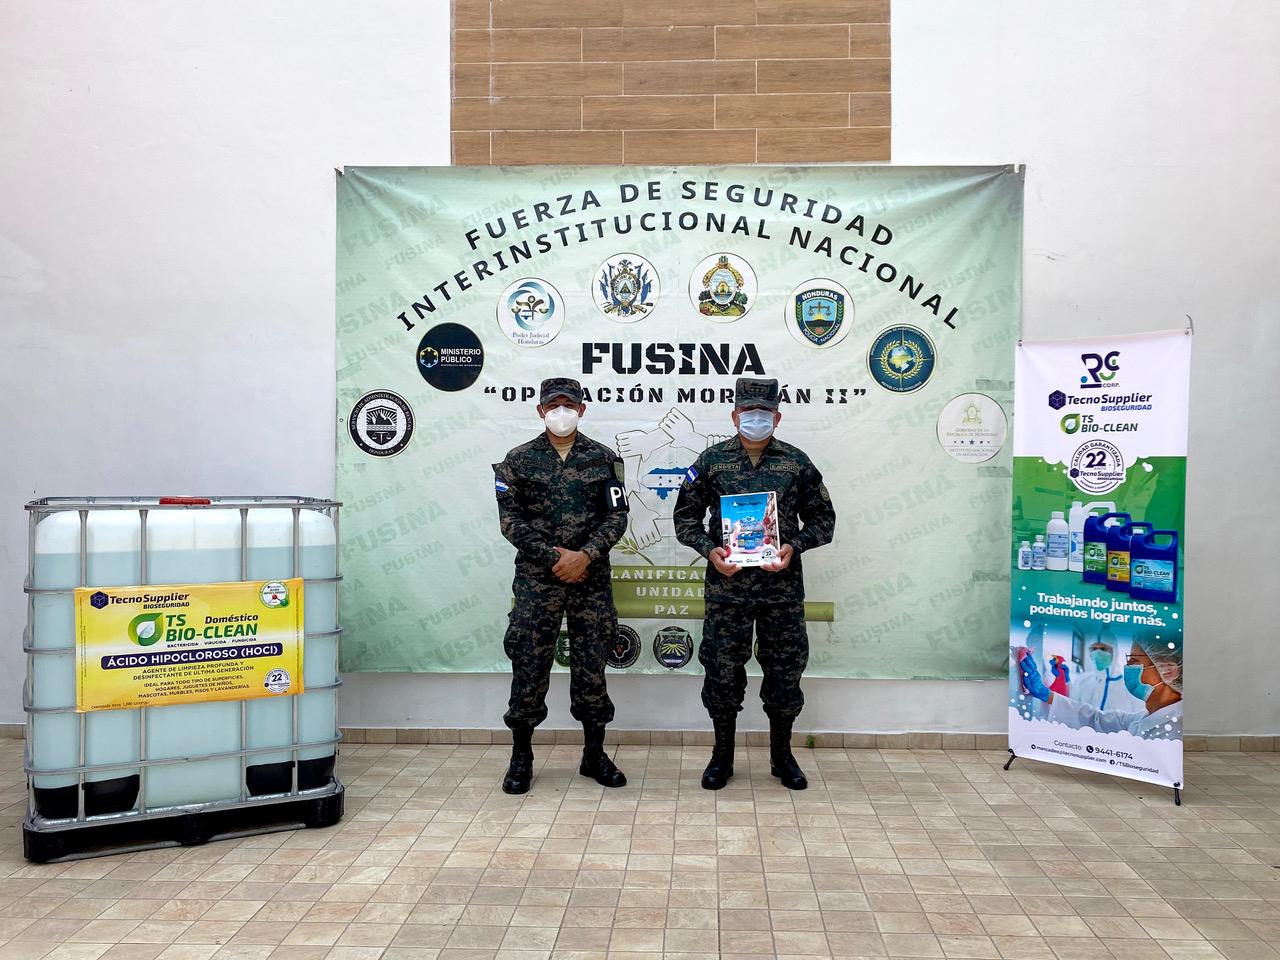 GRUPO RCJ DONA PRODUCTO PARA IMPLEMENTAR PROTOCOLOS DE BIOSEGURIDAD EN VARIAS INSTITUCIONES